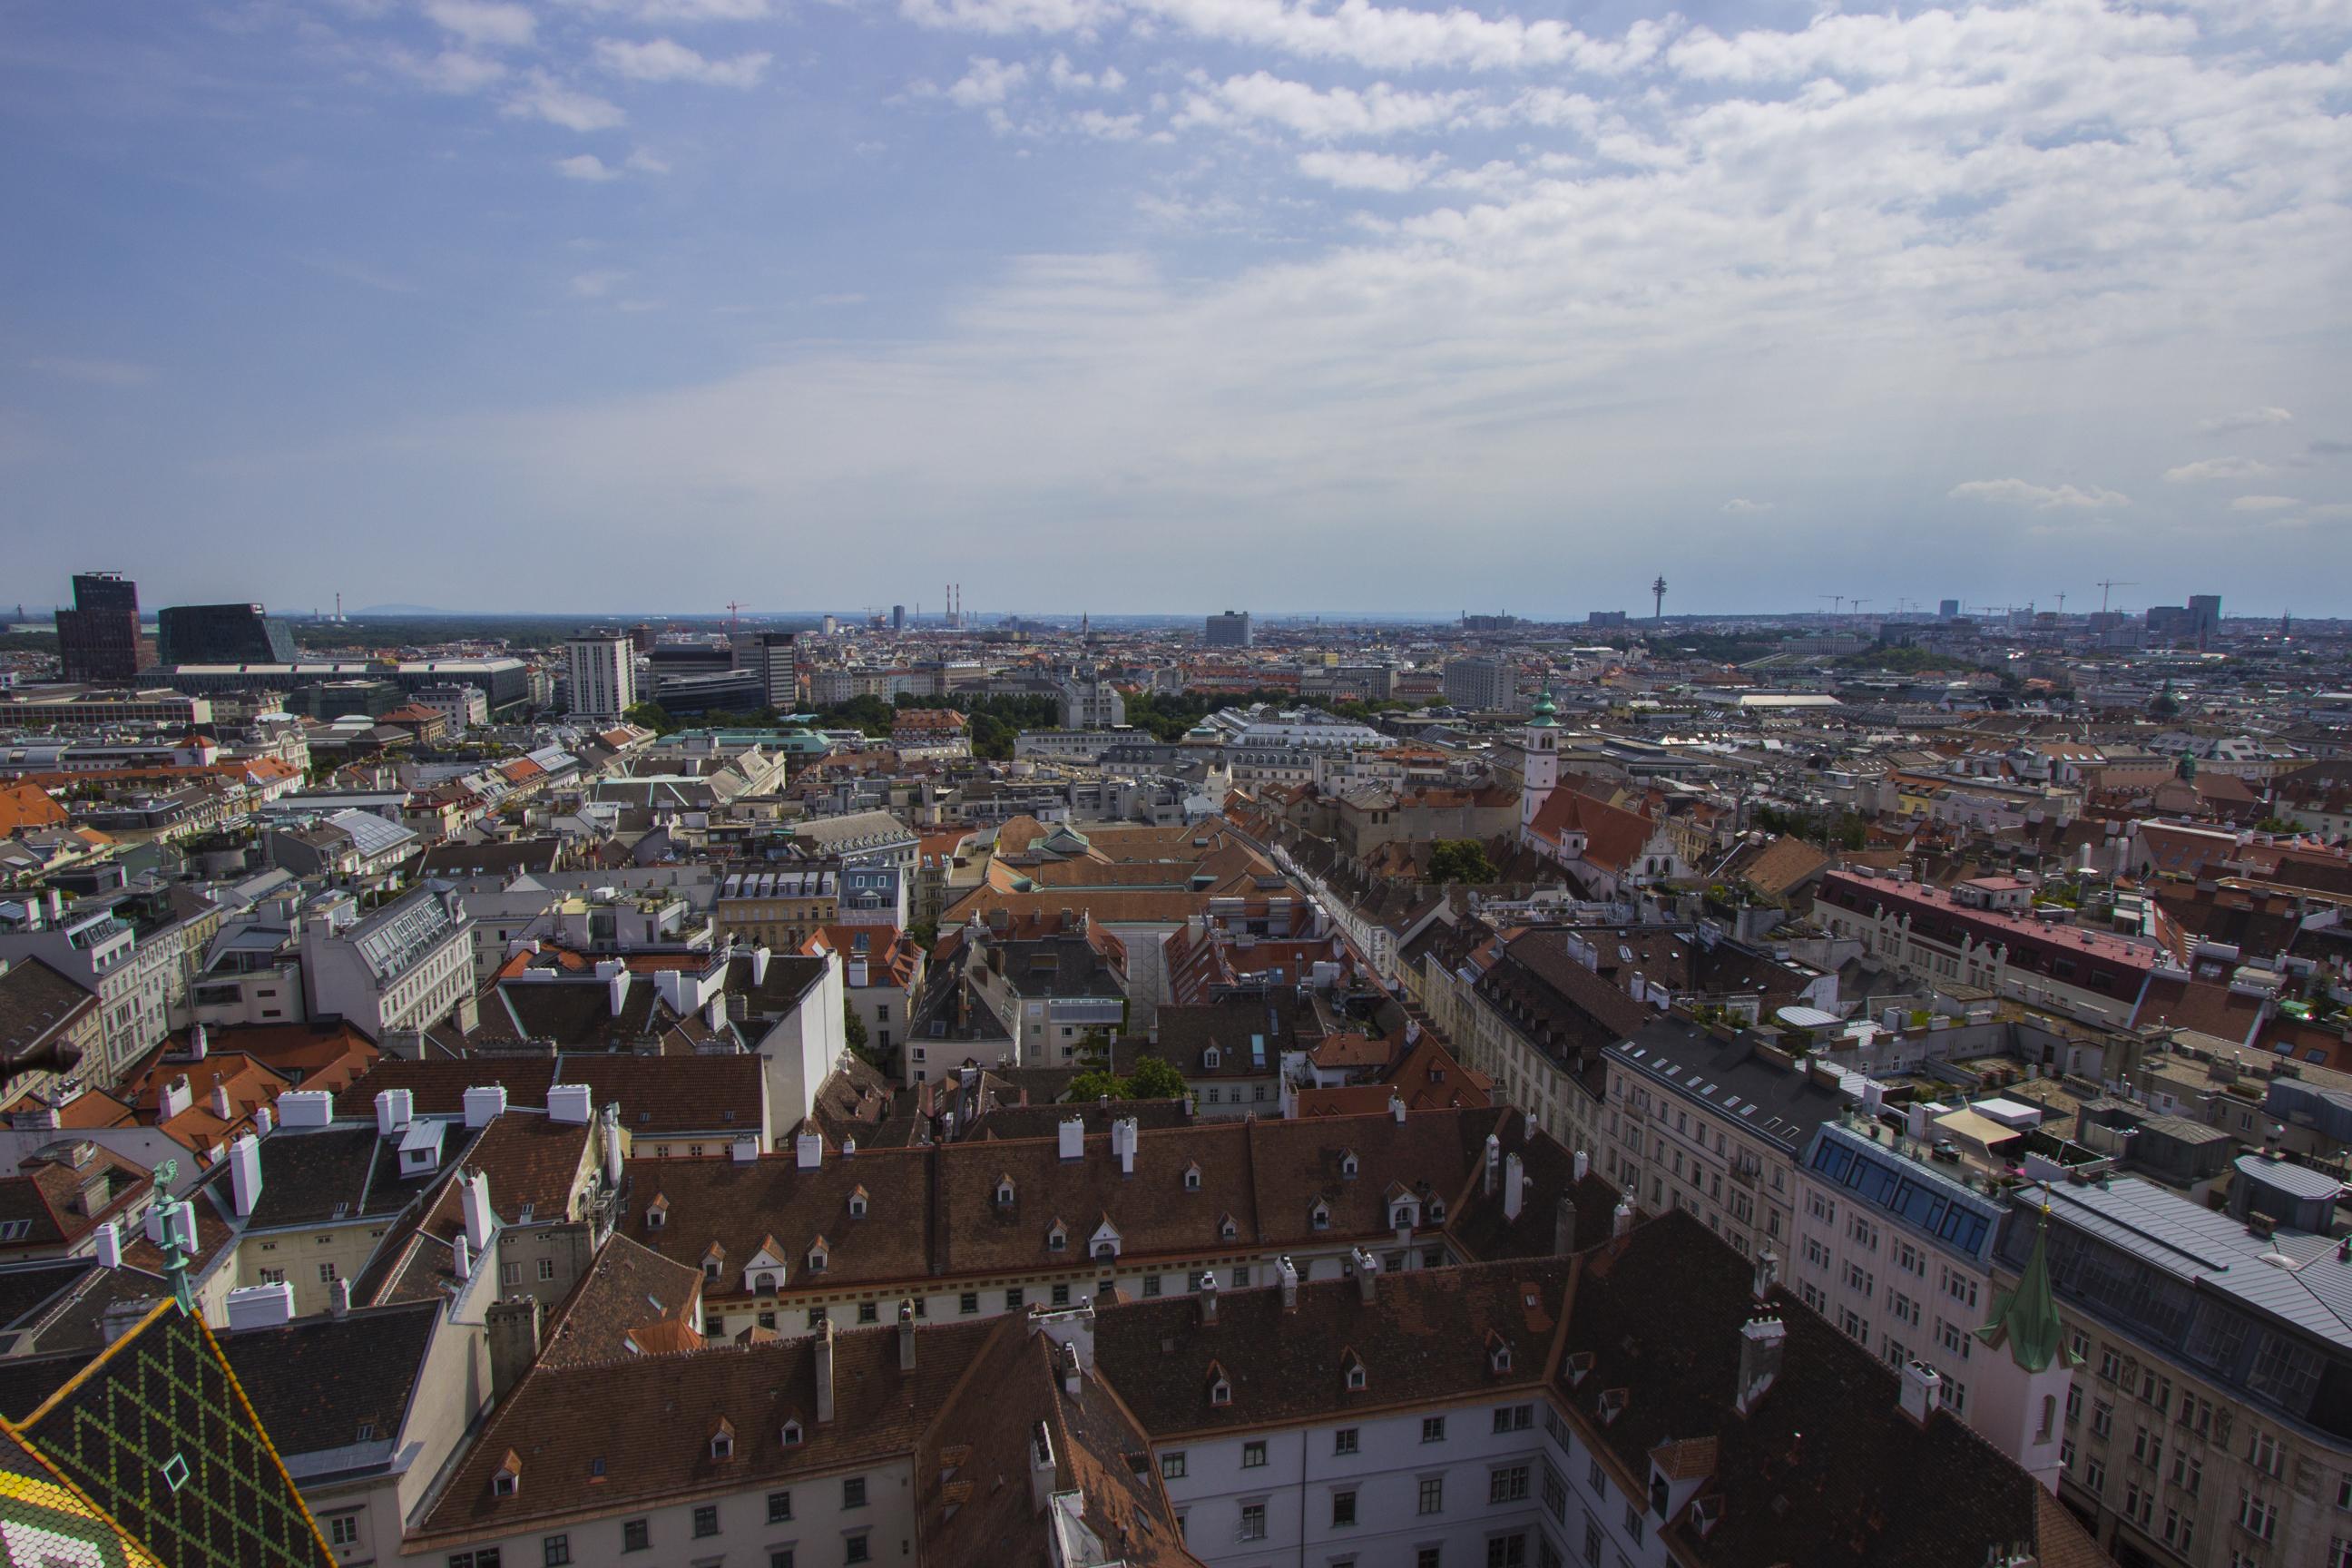 Widok na miasto z Katedry św. Szczepana